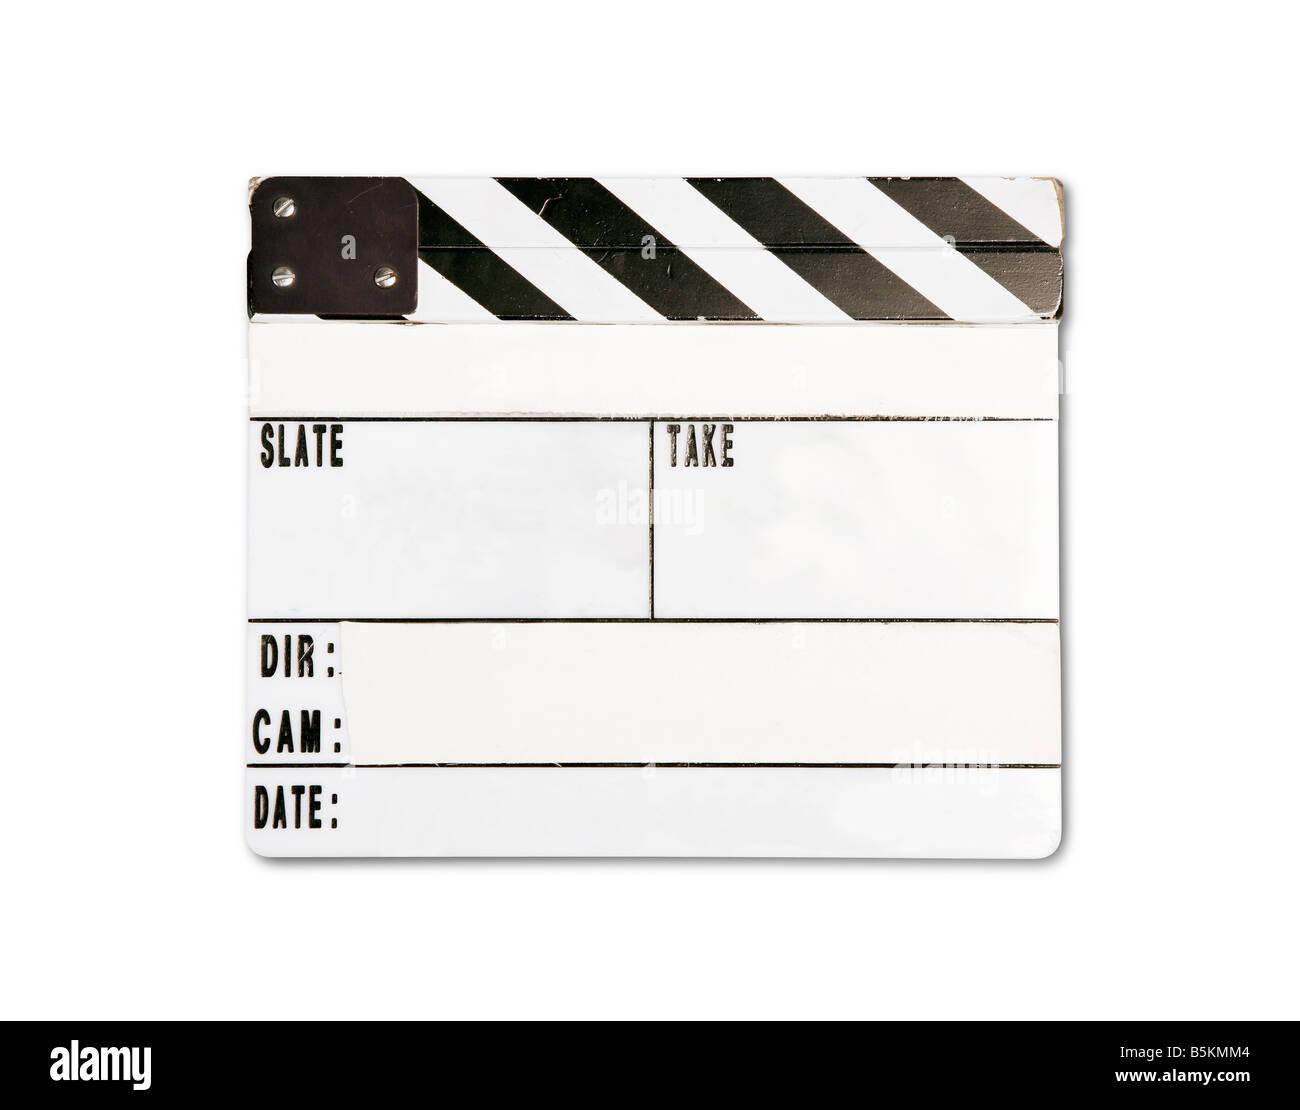 El clap board real con el desgaste y desgarre aislado sobre fondo blanco. Imagen De Stock